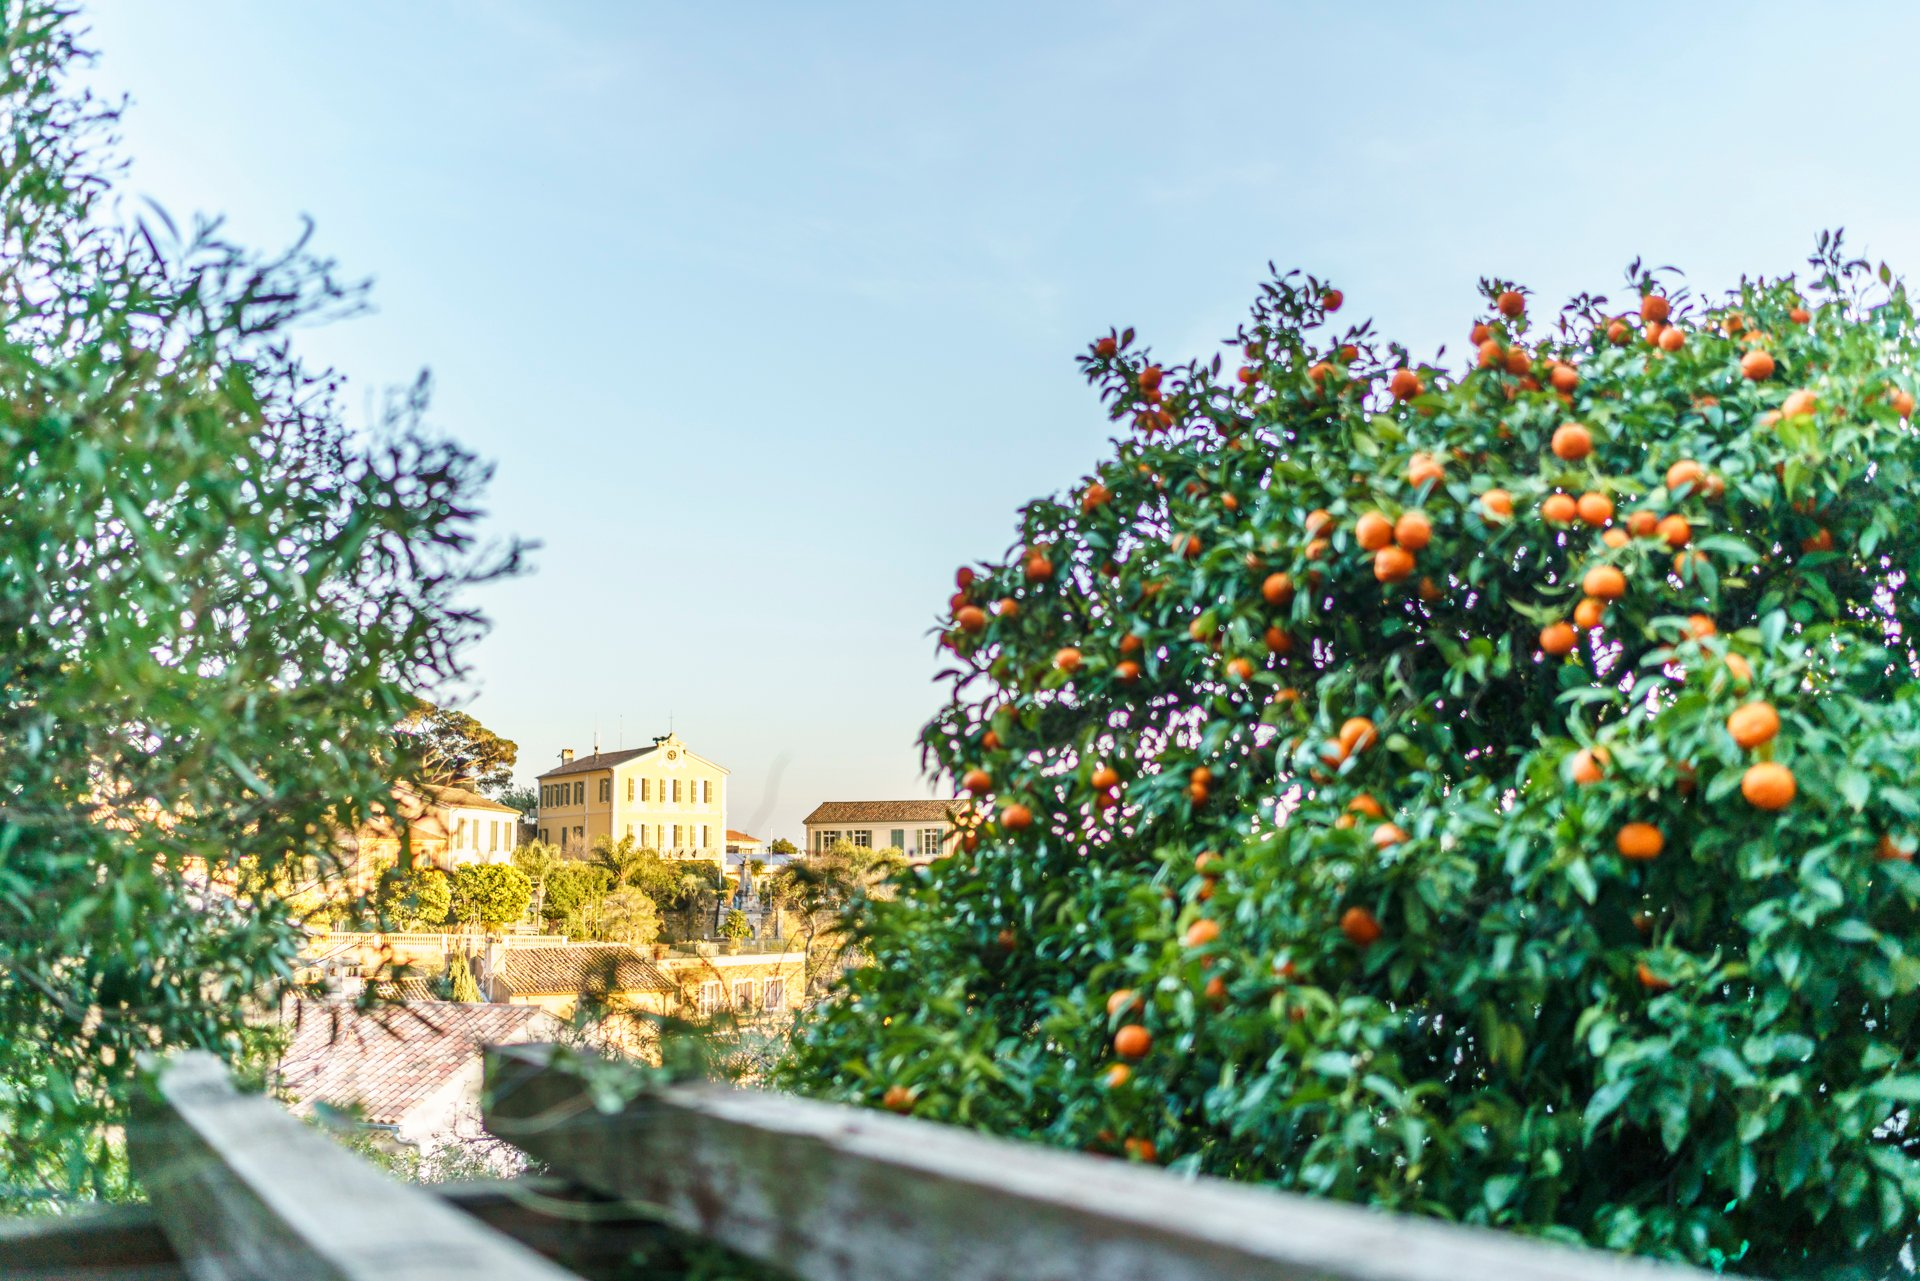 Mandarinenbaum in Bormes-les-Mimosas